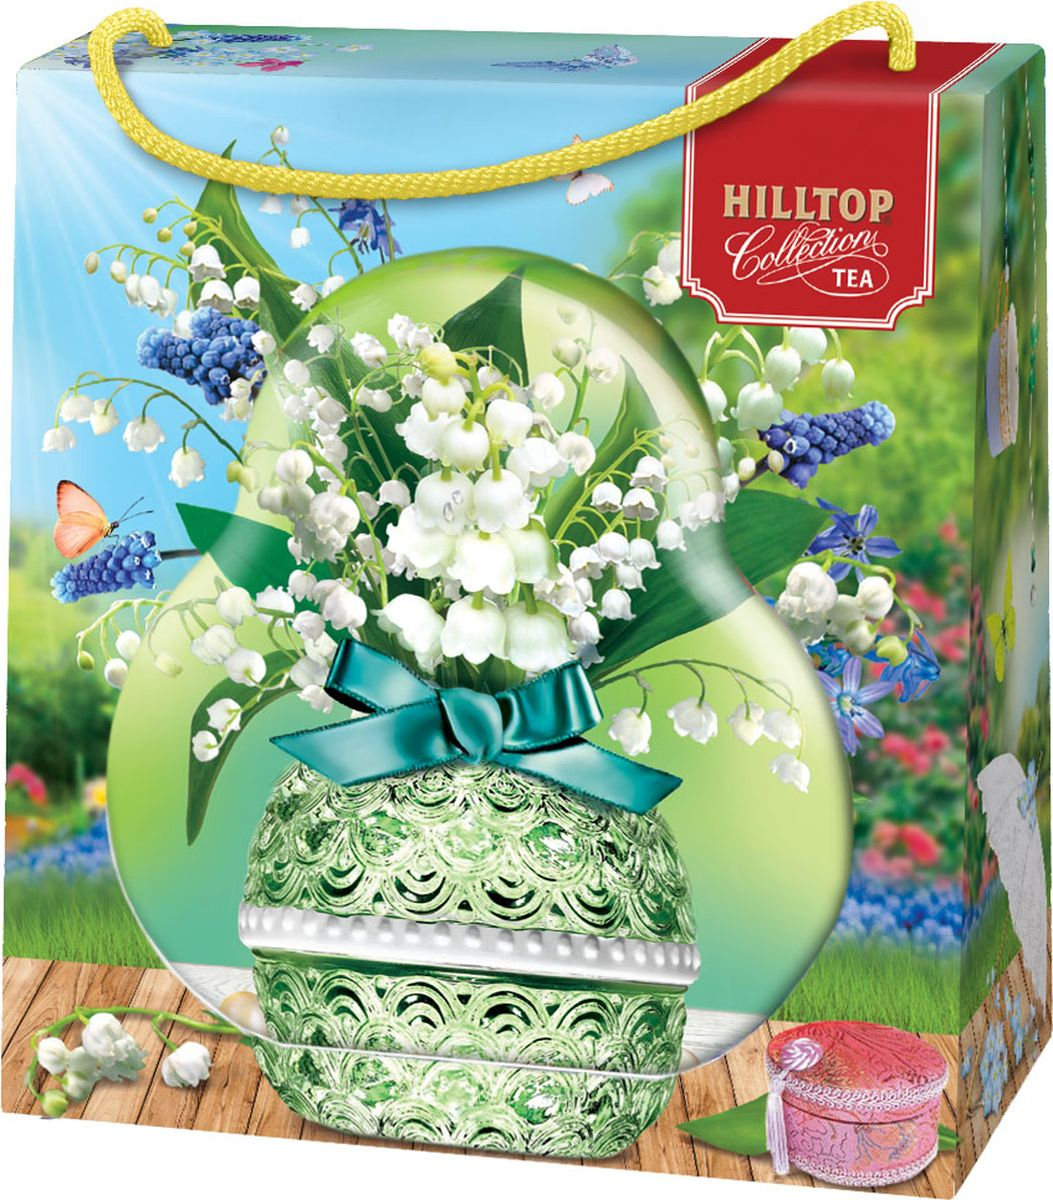 Hilltop Ландыш чай листовой королевское золото, 50 г hilltop утреннее чаепитие черный листовой чай королевское золото в футляре 80 г